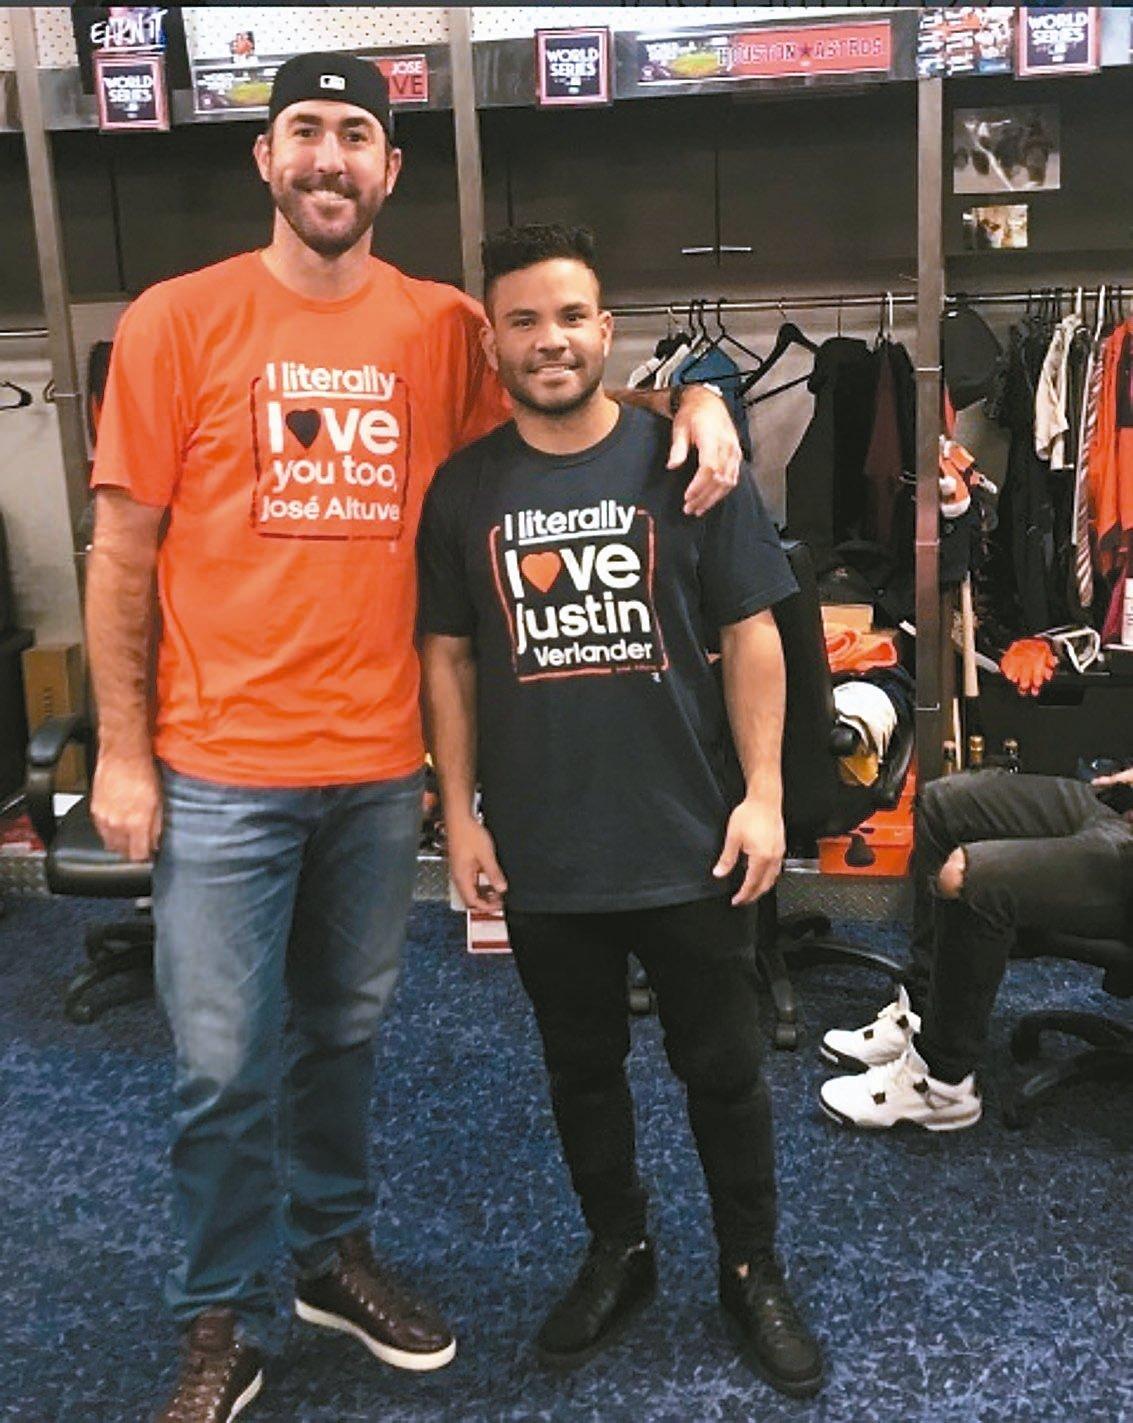 韋蘭德與亞土維穿上特製T恤,表達對彼此的喜愛。 圖/取自亞土維Instagram